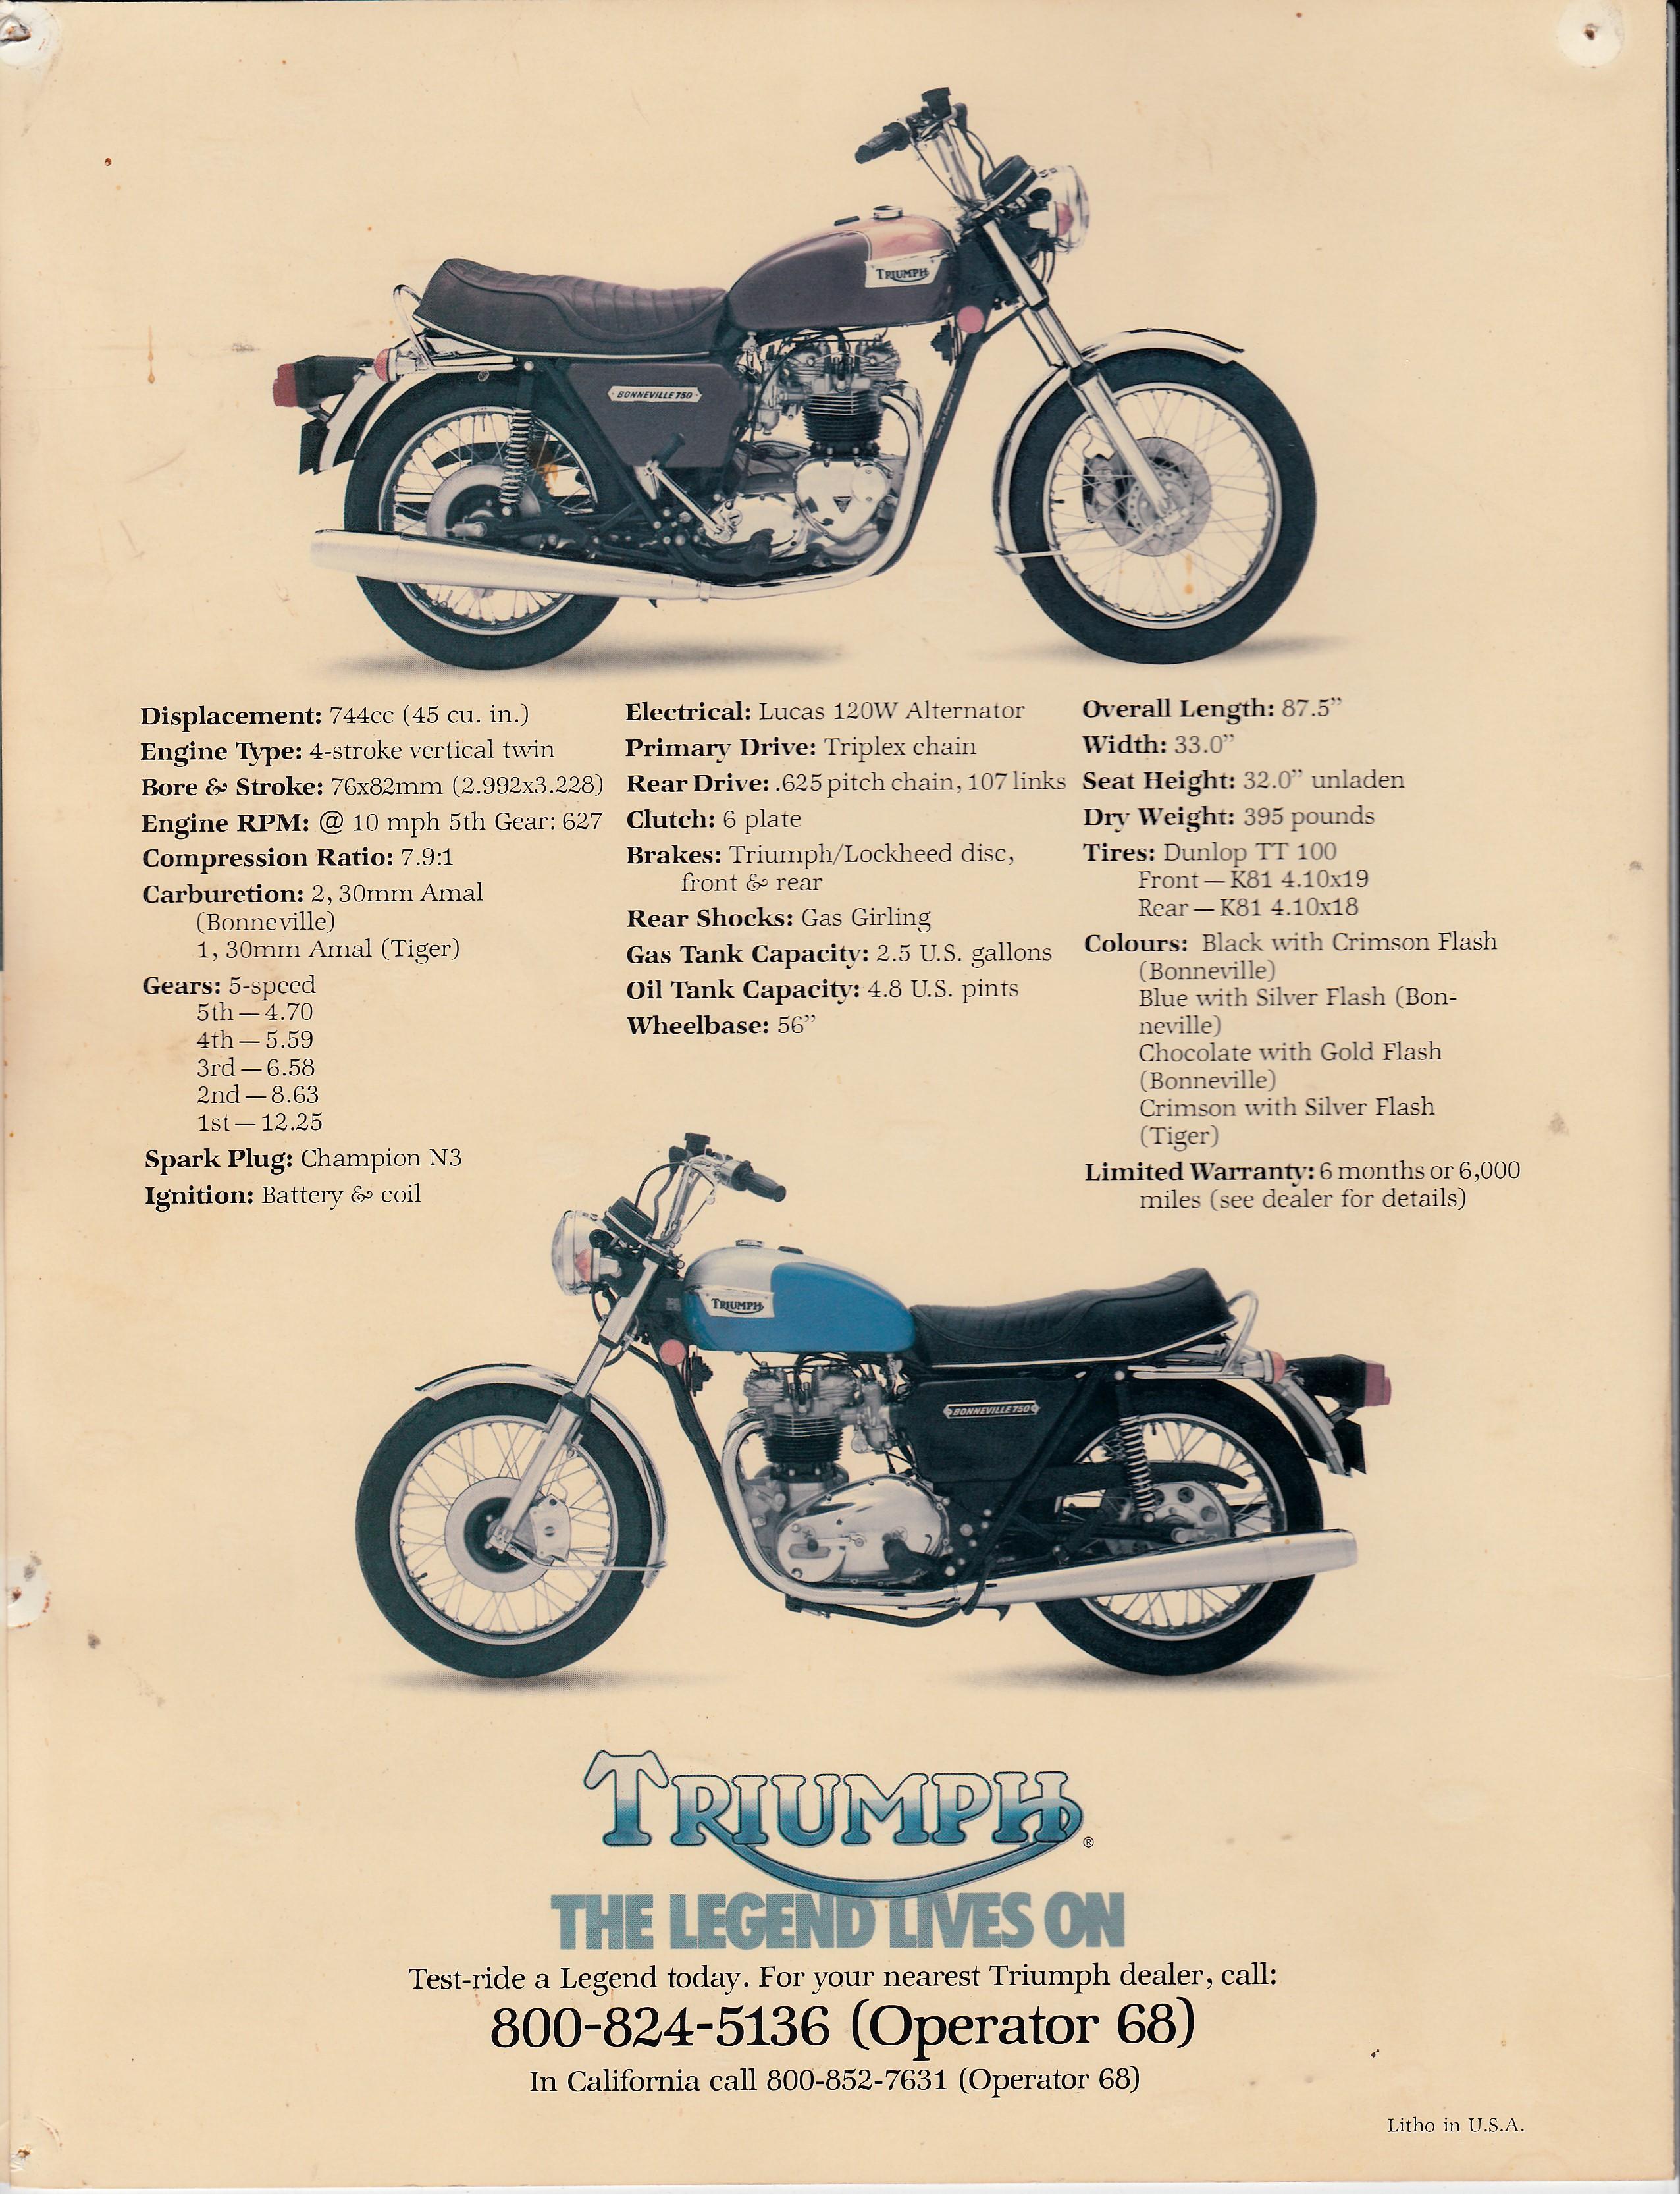 brochure - triumph bonneville 1978 - more moto guzzi topics - moto guzzi - topics